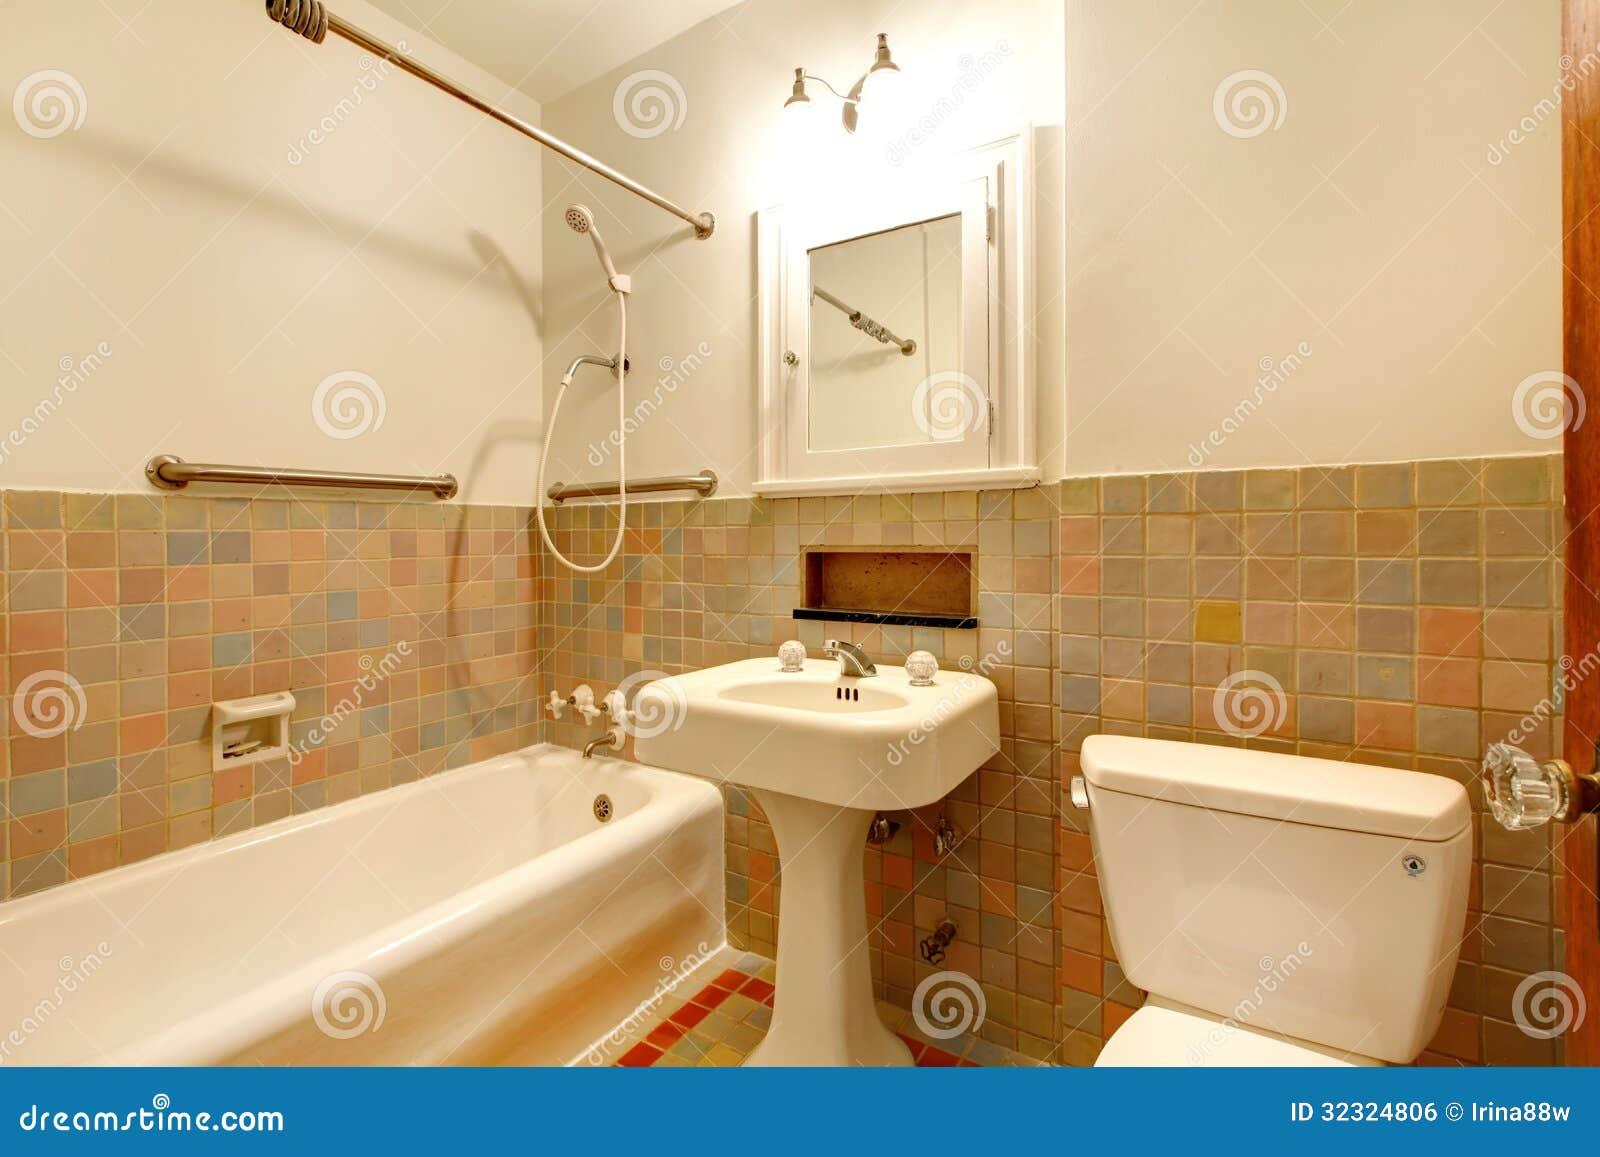 Cuarto de ba o con los viejos accesorios antiguos y la - Accesorios cuarto de bano ...